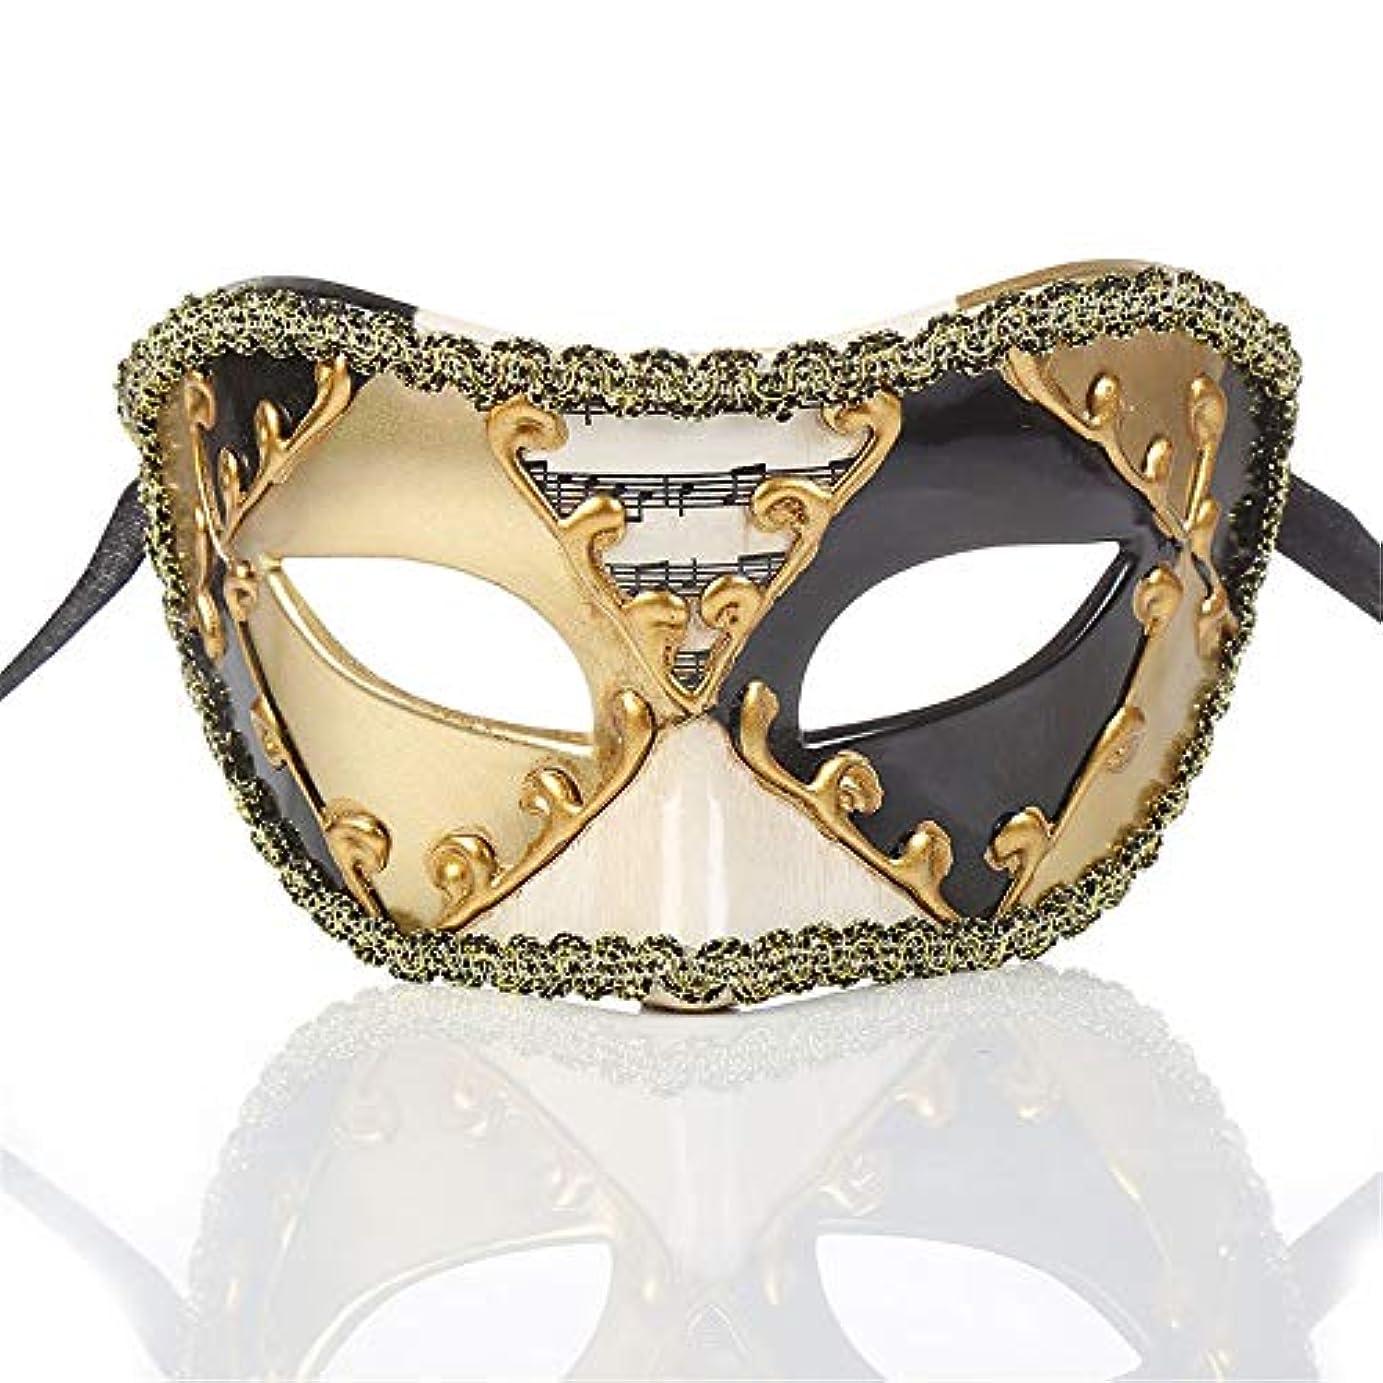 天田舎者応用ダンスマスク ヴィンテージクラシックハーフフェイスクラウンミュージカルノート装飾マスクフェスティバルロールプレイングプラスチックマスク ホリデーパーティー用品 (色 : ブラック, サイズ : 16.5x8cm)